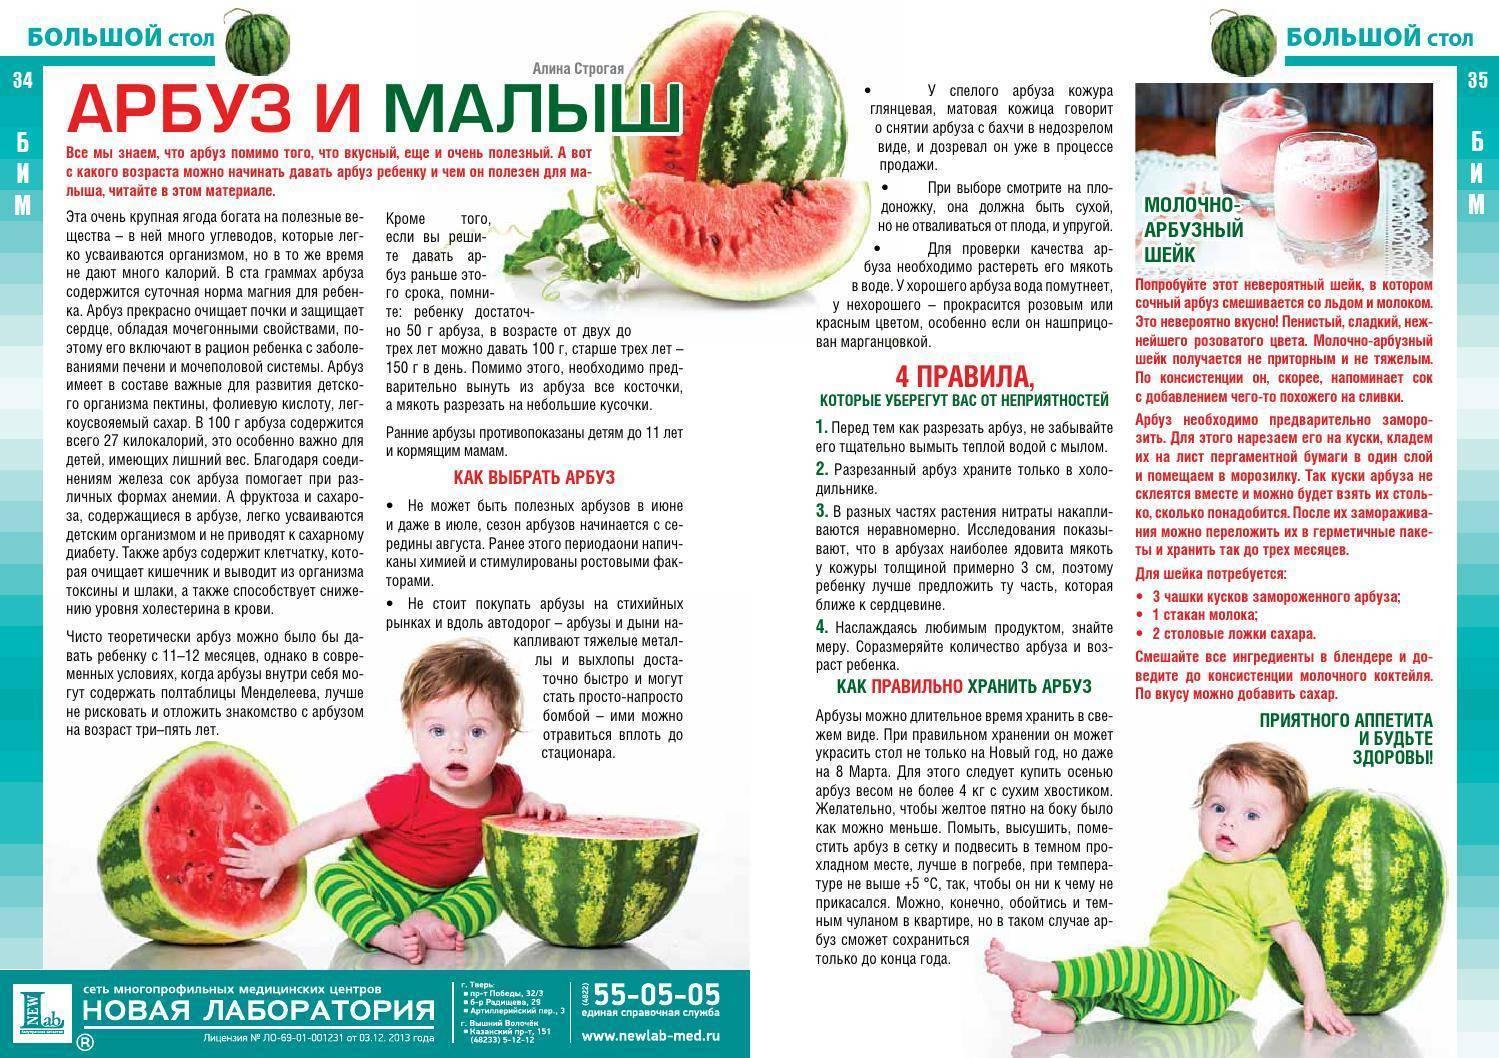 Арбуз детям: когда и как вводить ягоду в рацион, в чем опасность ее употребления?